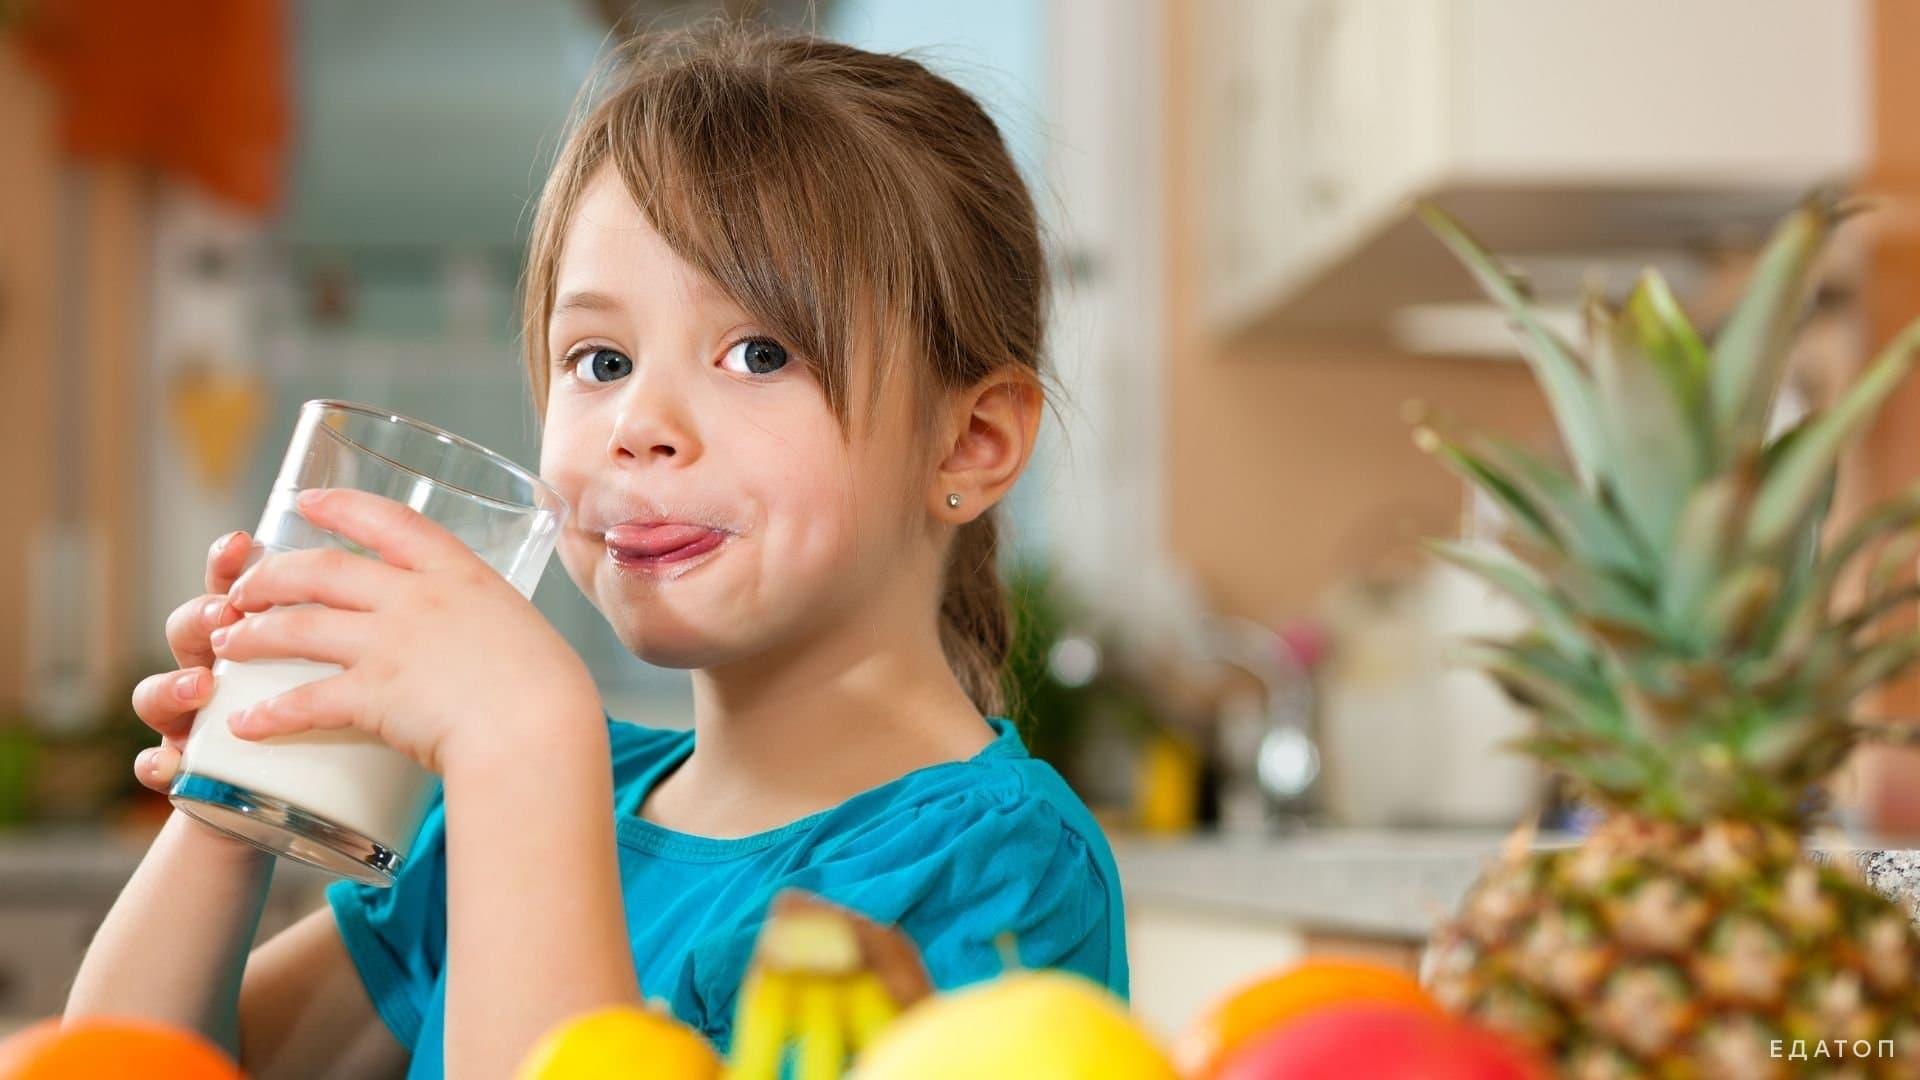 Детям рекомендовано выпивать 1,5 л воды в день.